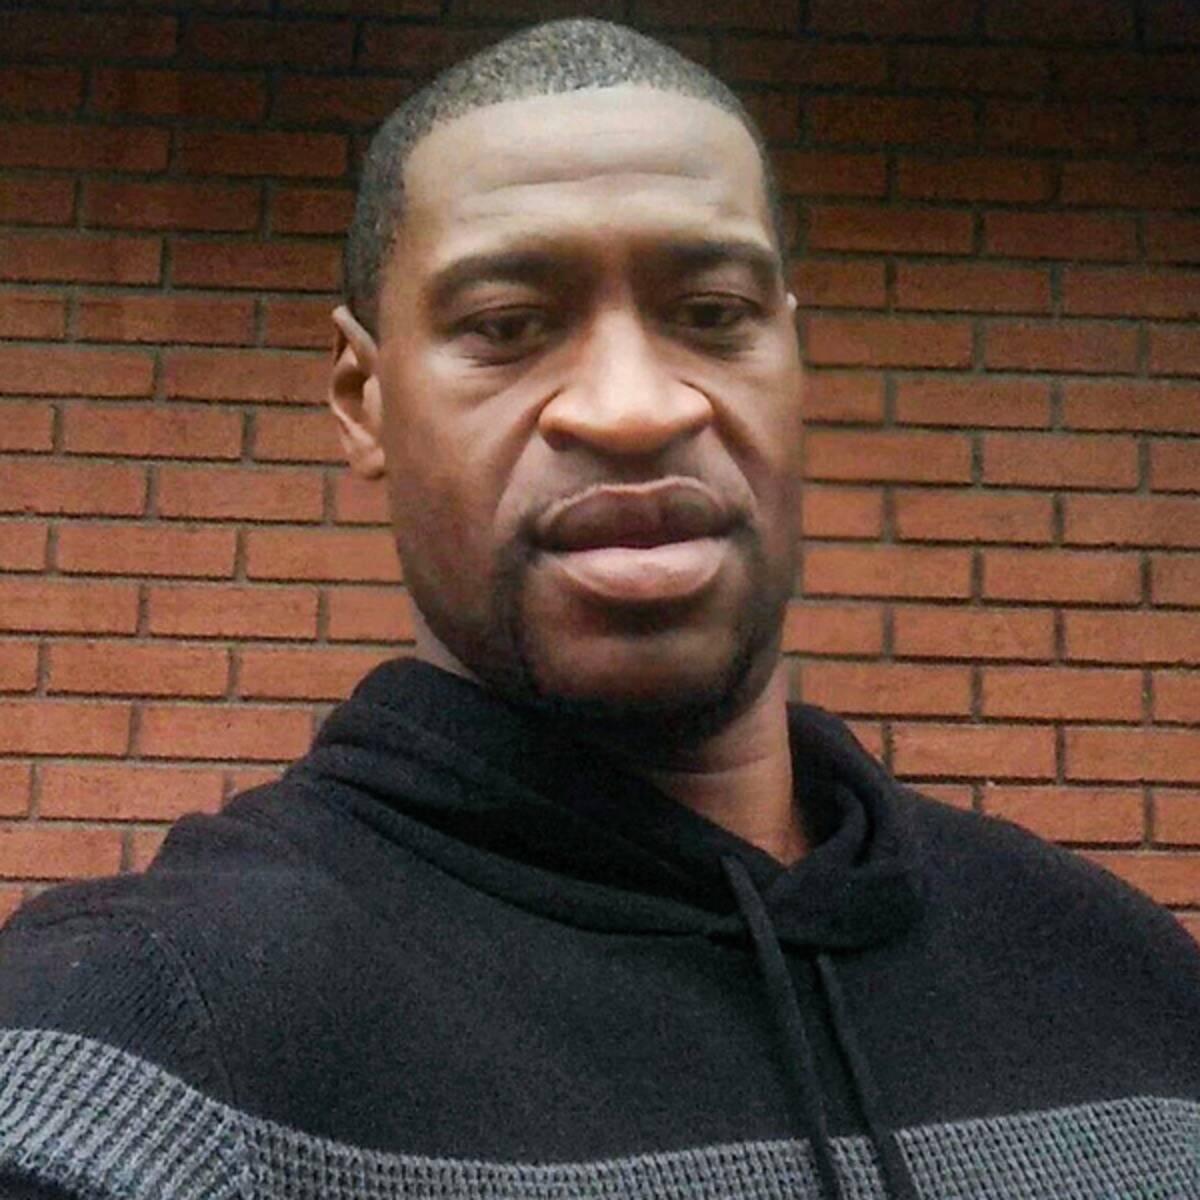 La familia exigió la detención de todos los policías implicados en la detención que provocó la muerte de Floyd y pidió que se acuse de asesinato en primer grado a Chauvin.